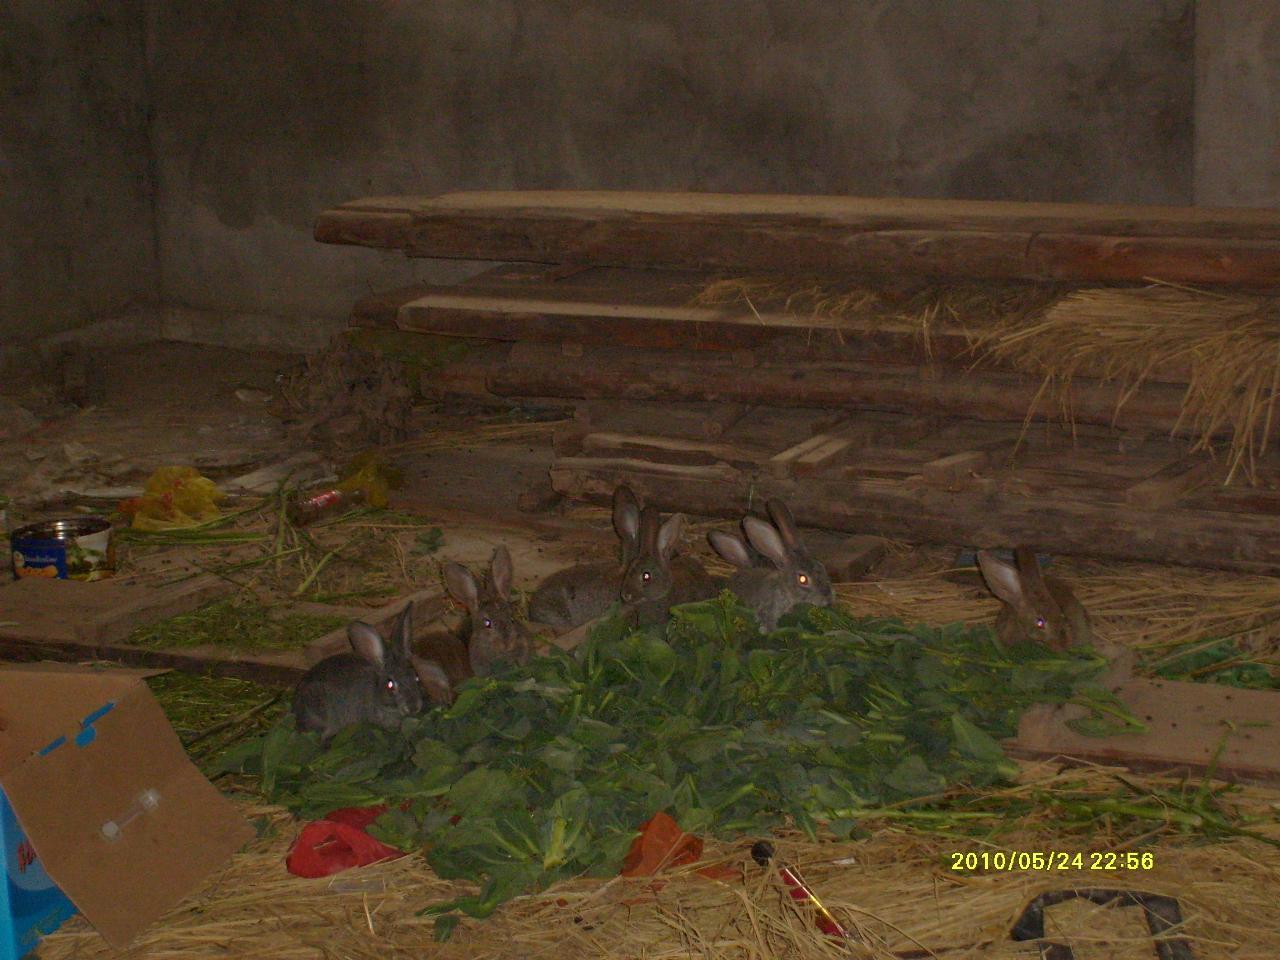 我有野兔出售,誰有興趣代理